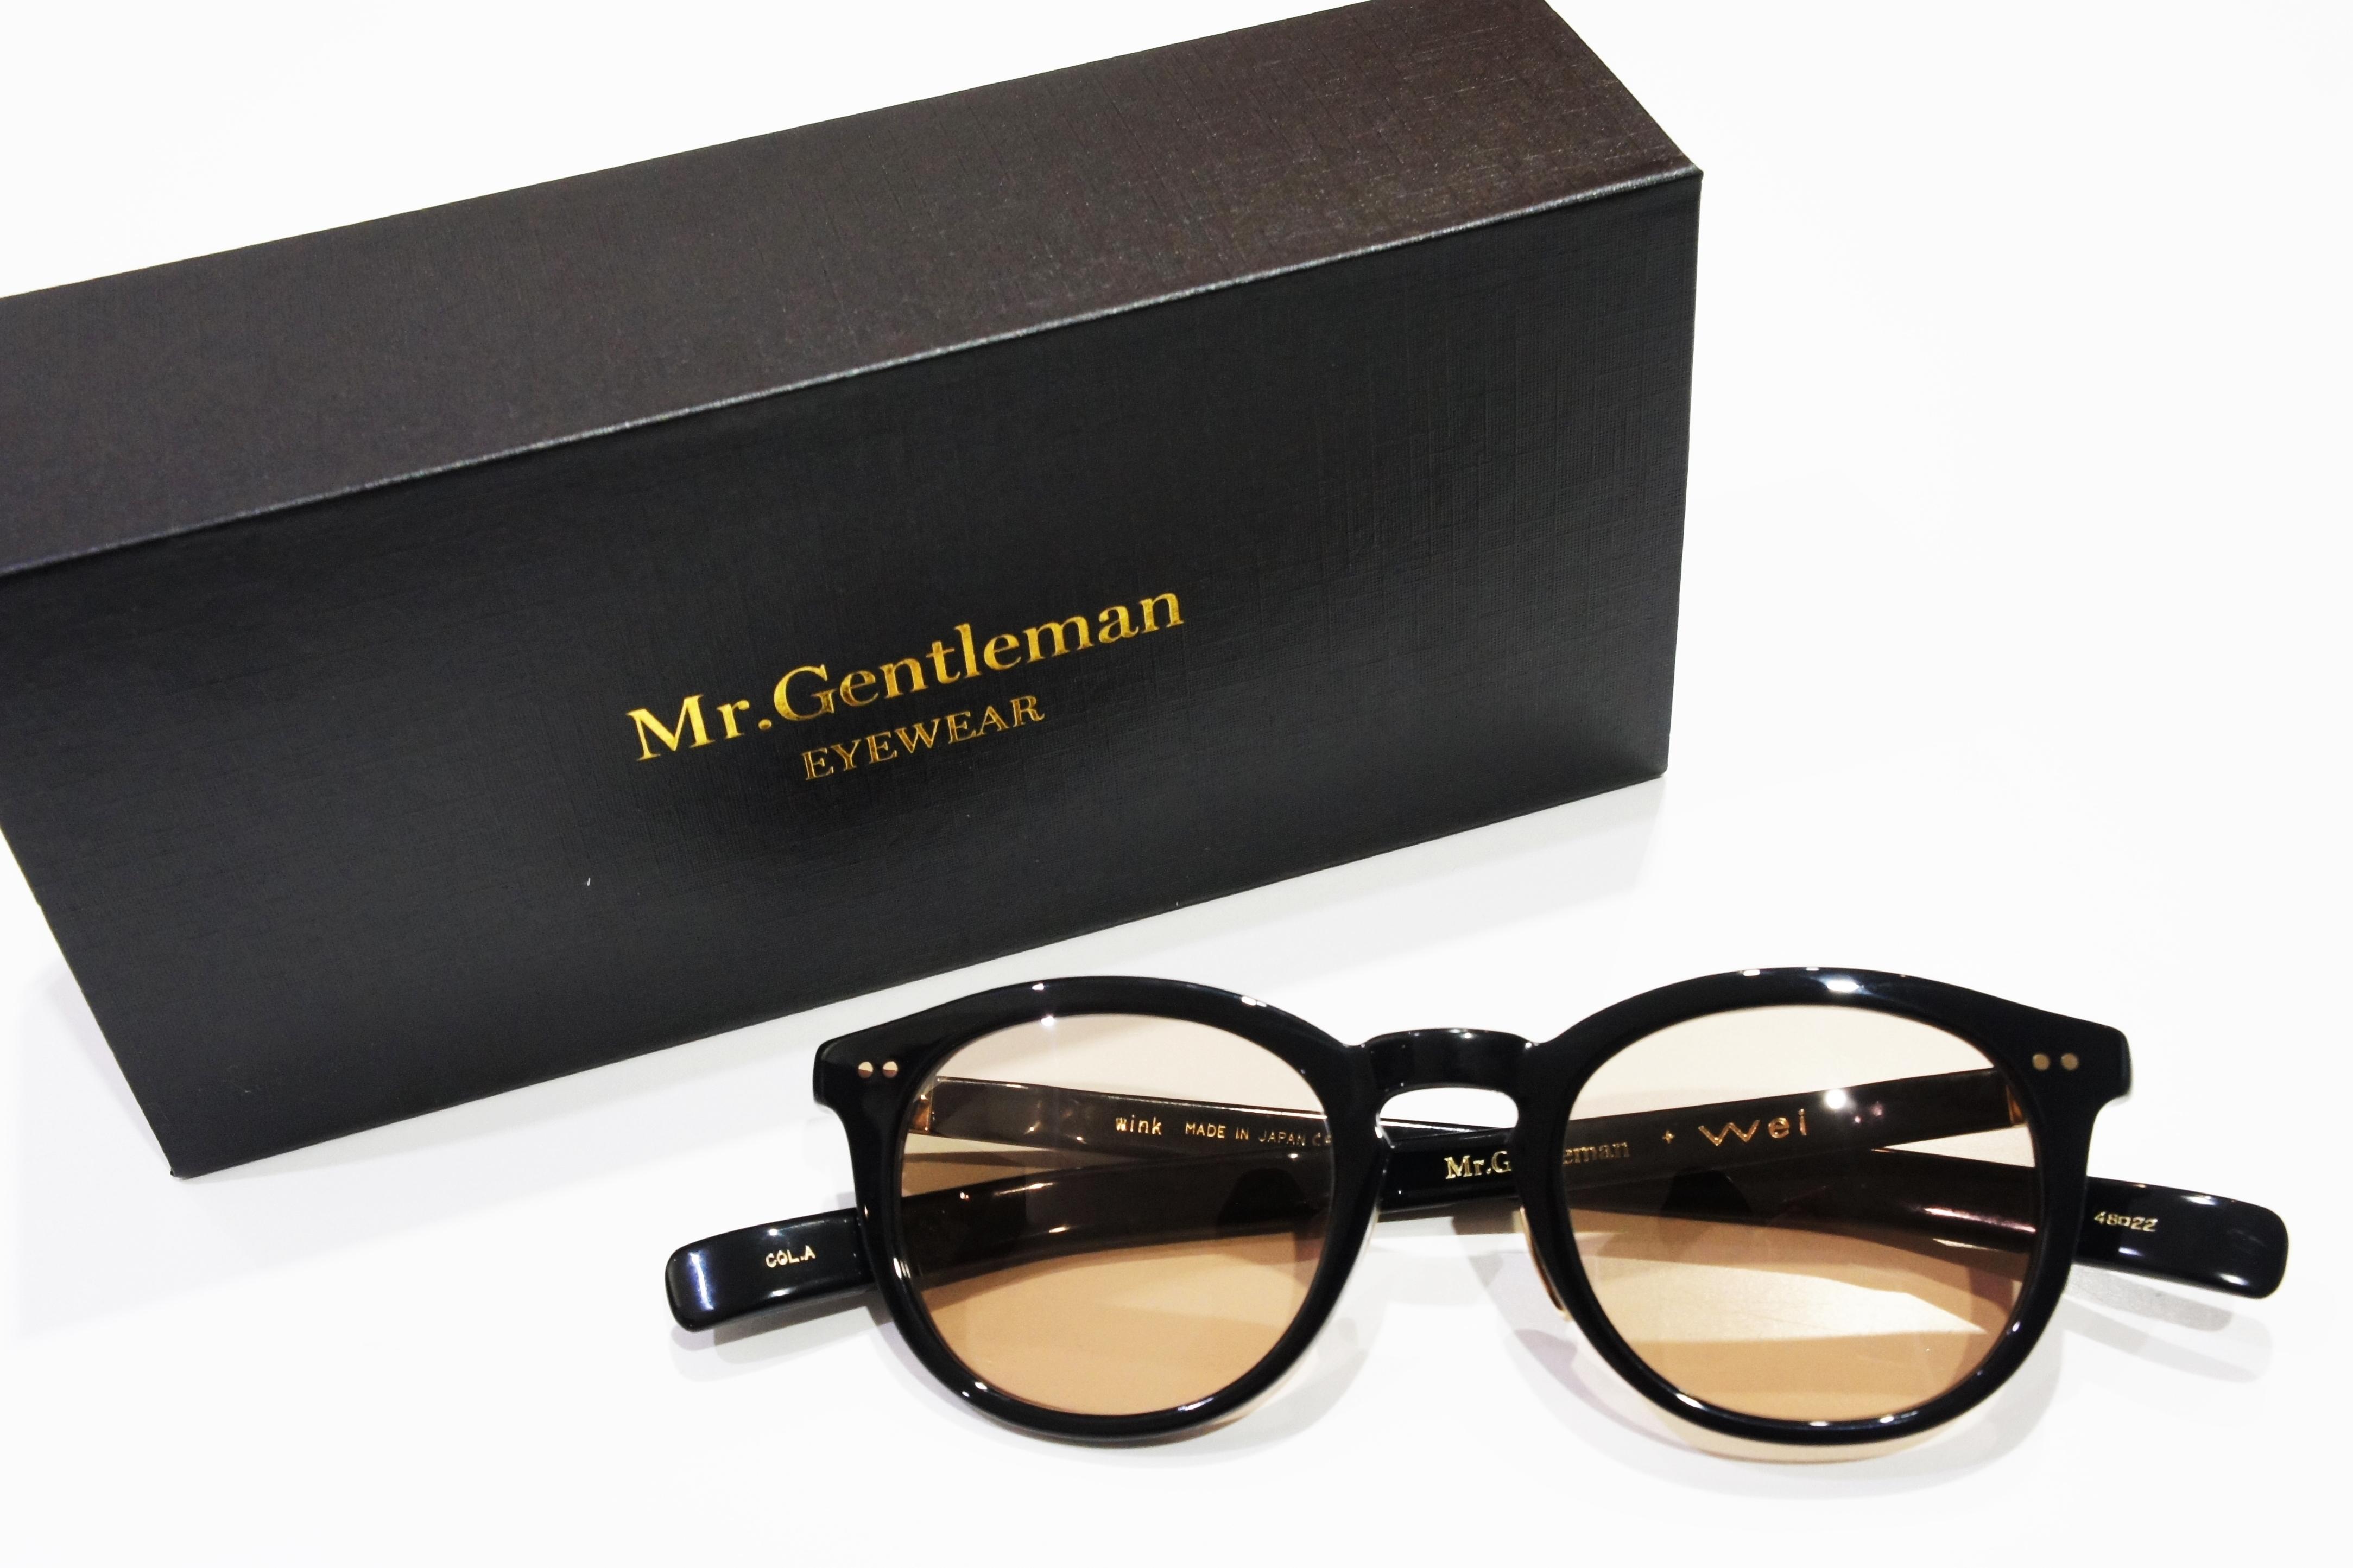 【山下智久さん着用】Mr.Gentleman(ミスタージェントルマン) wink COL.A Weiコラボモデル